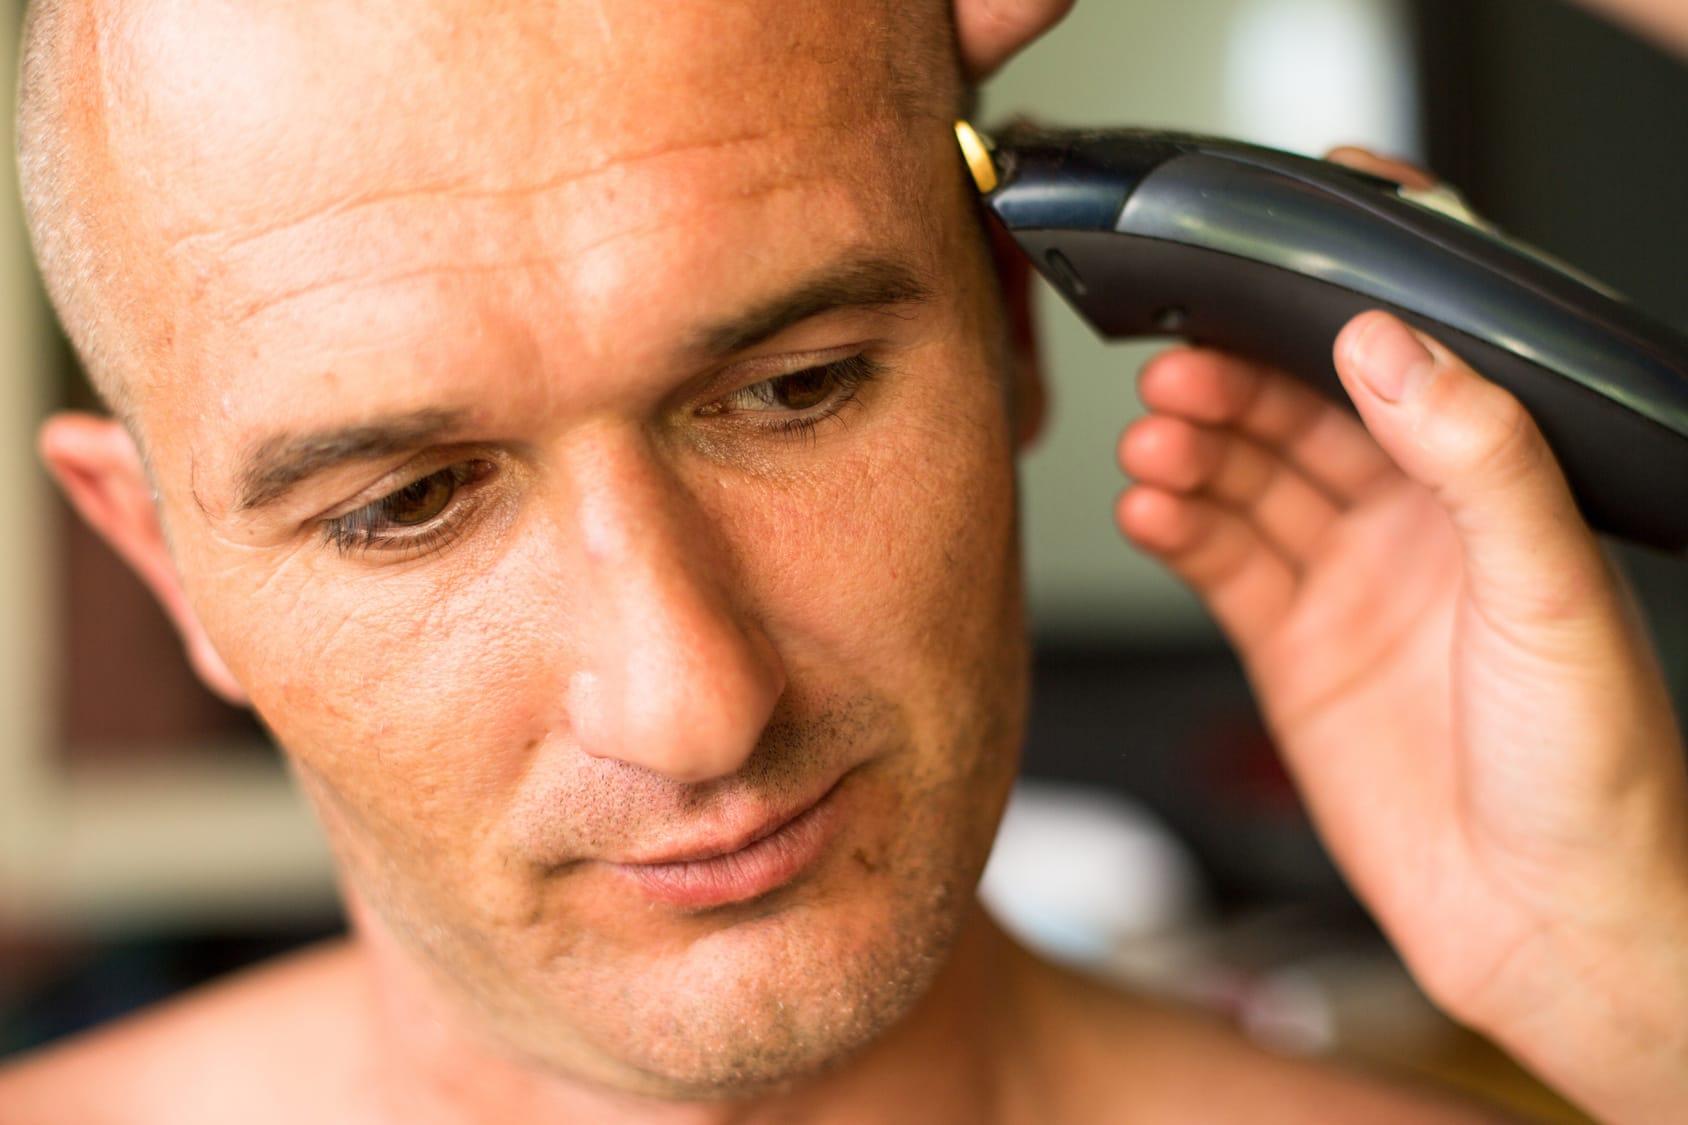 Glatze rasieren – So wird's gemacht